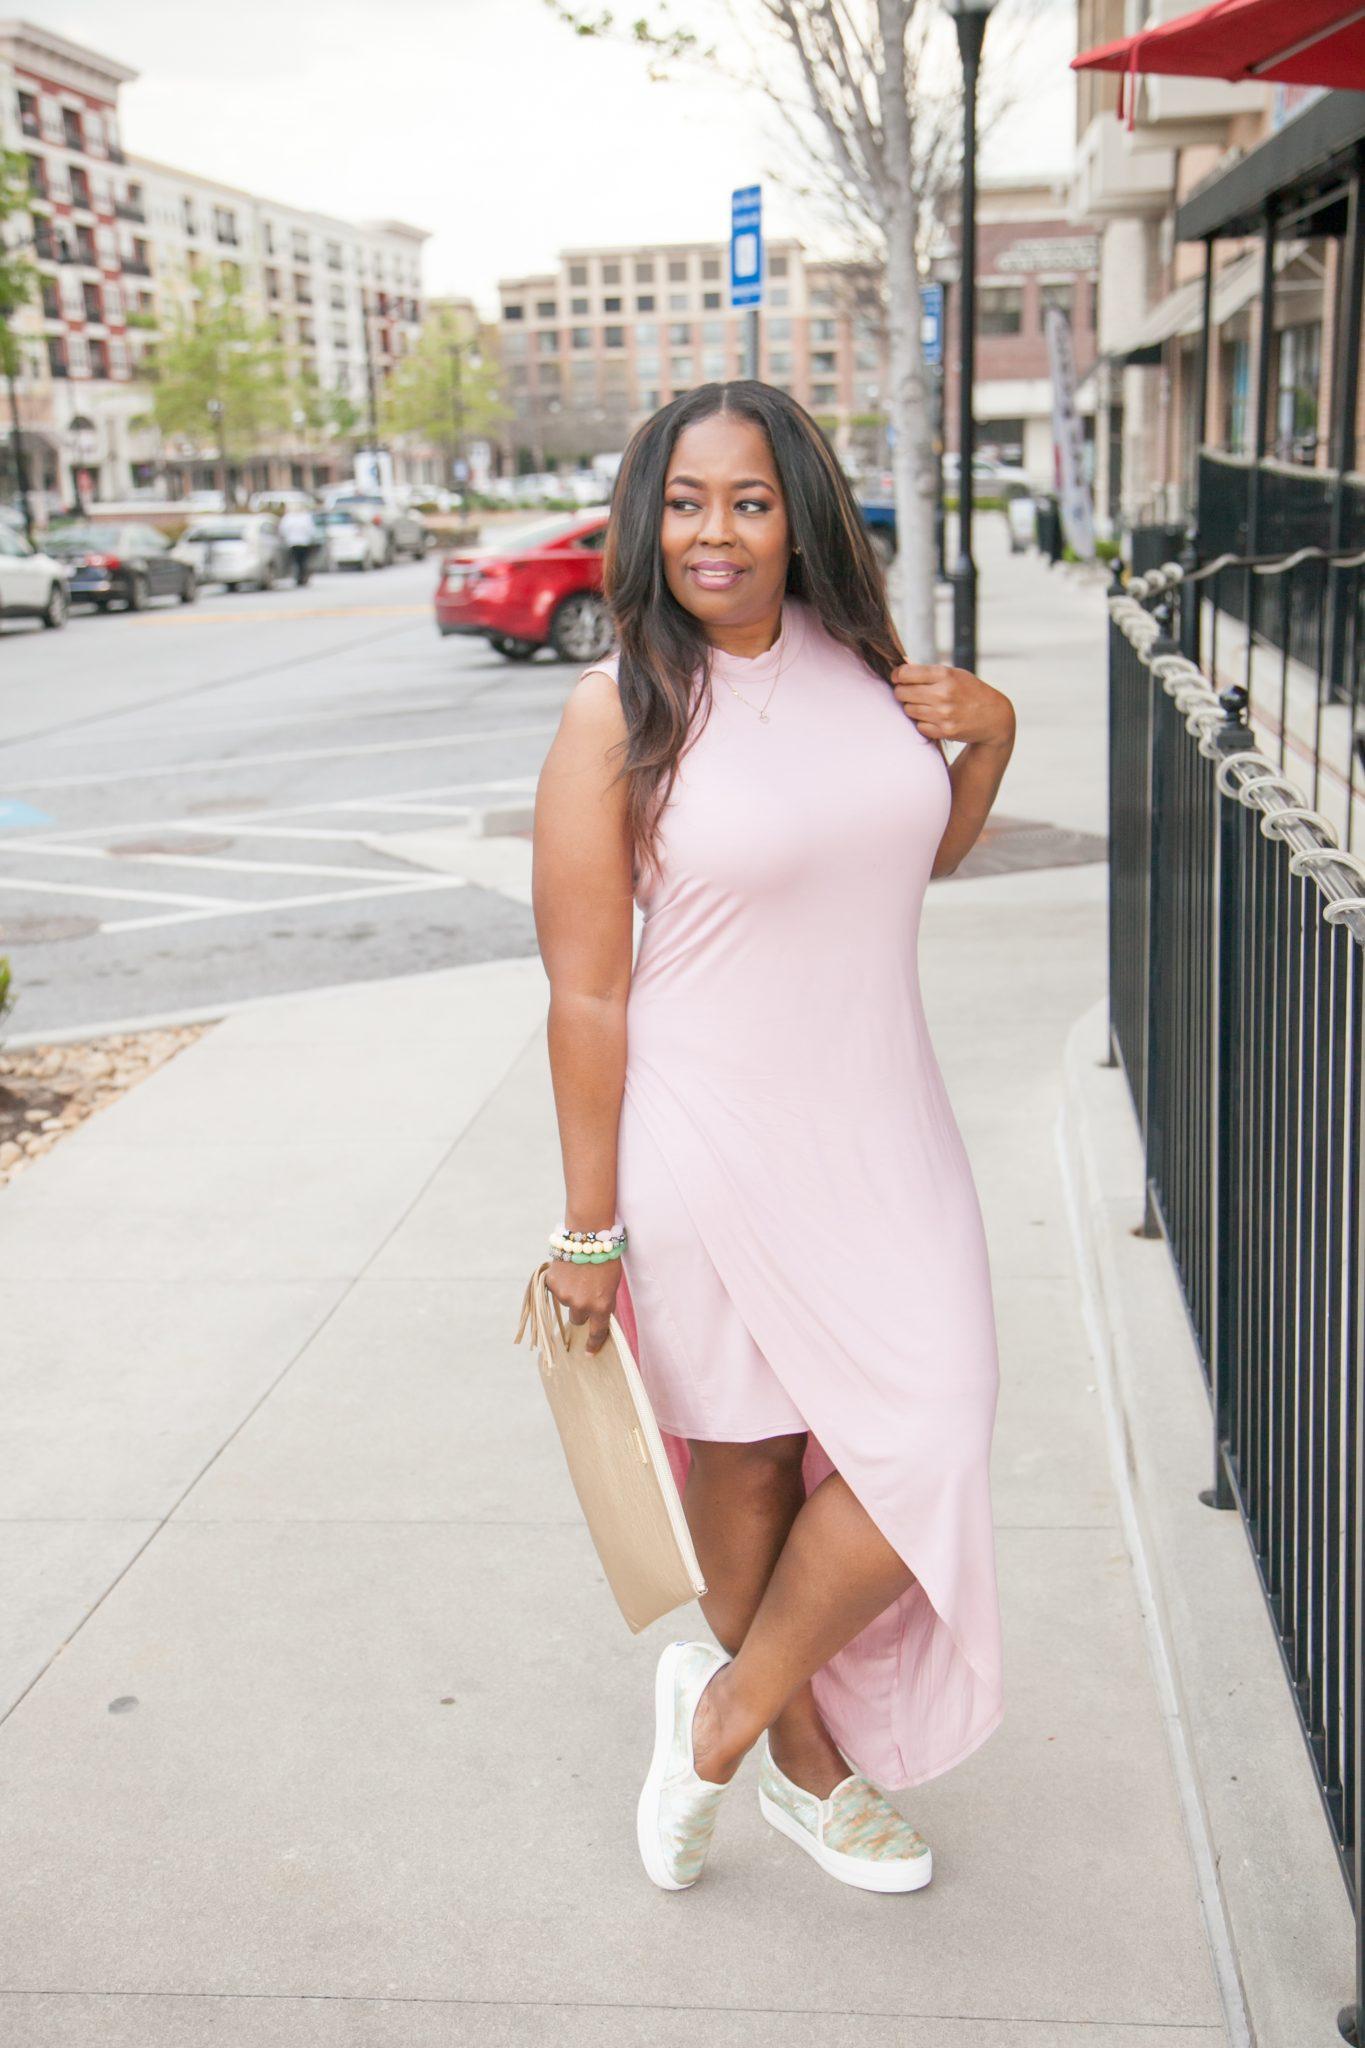 My Style: Sleeveless Slanted Overlay Dress